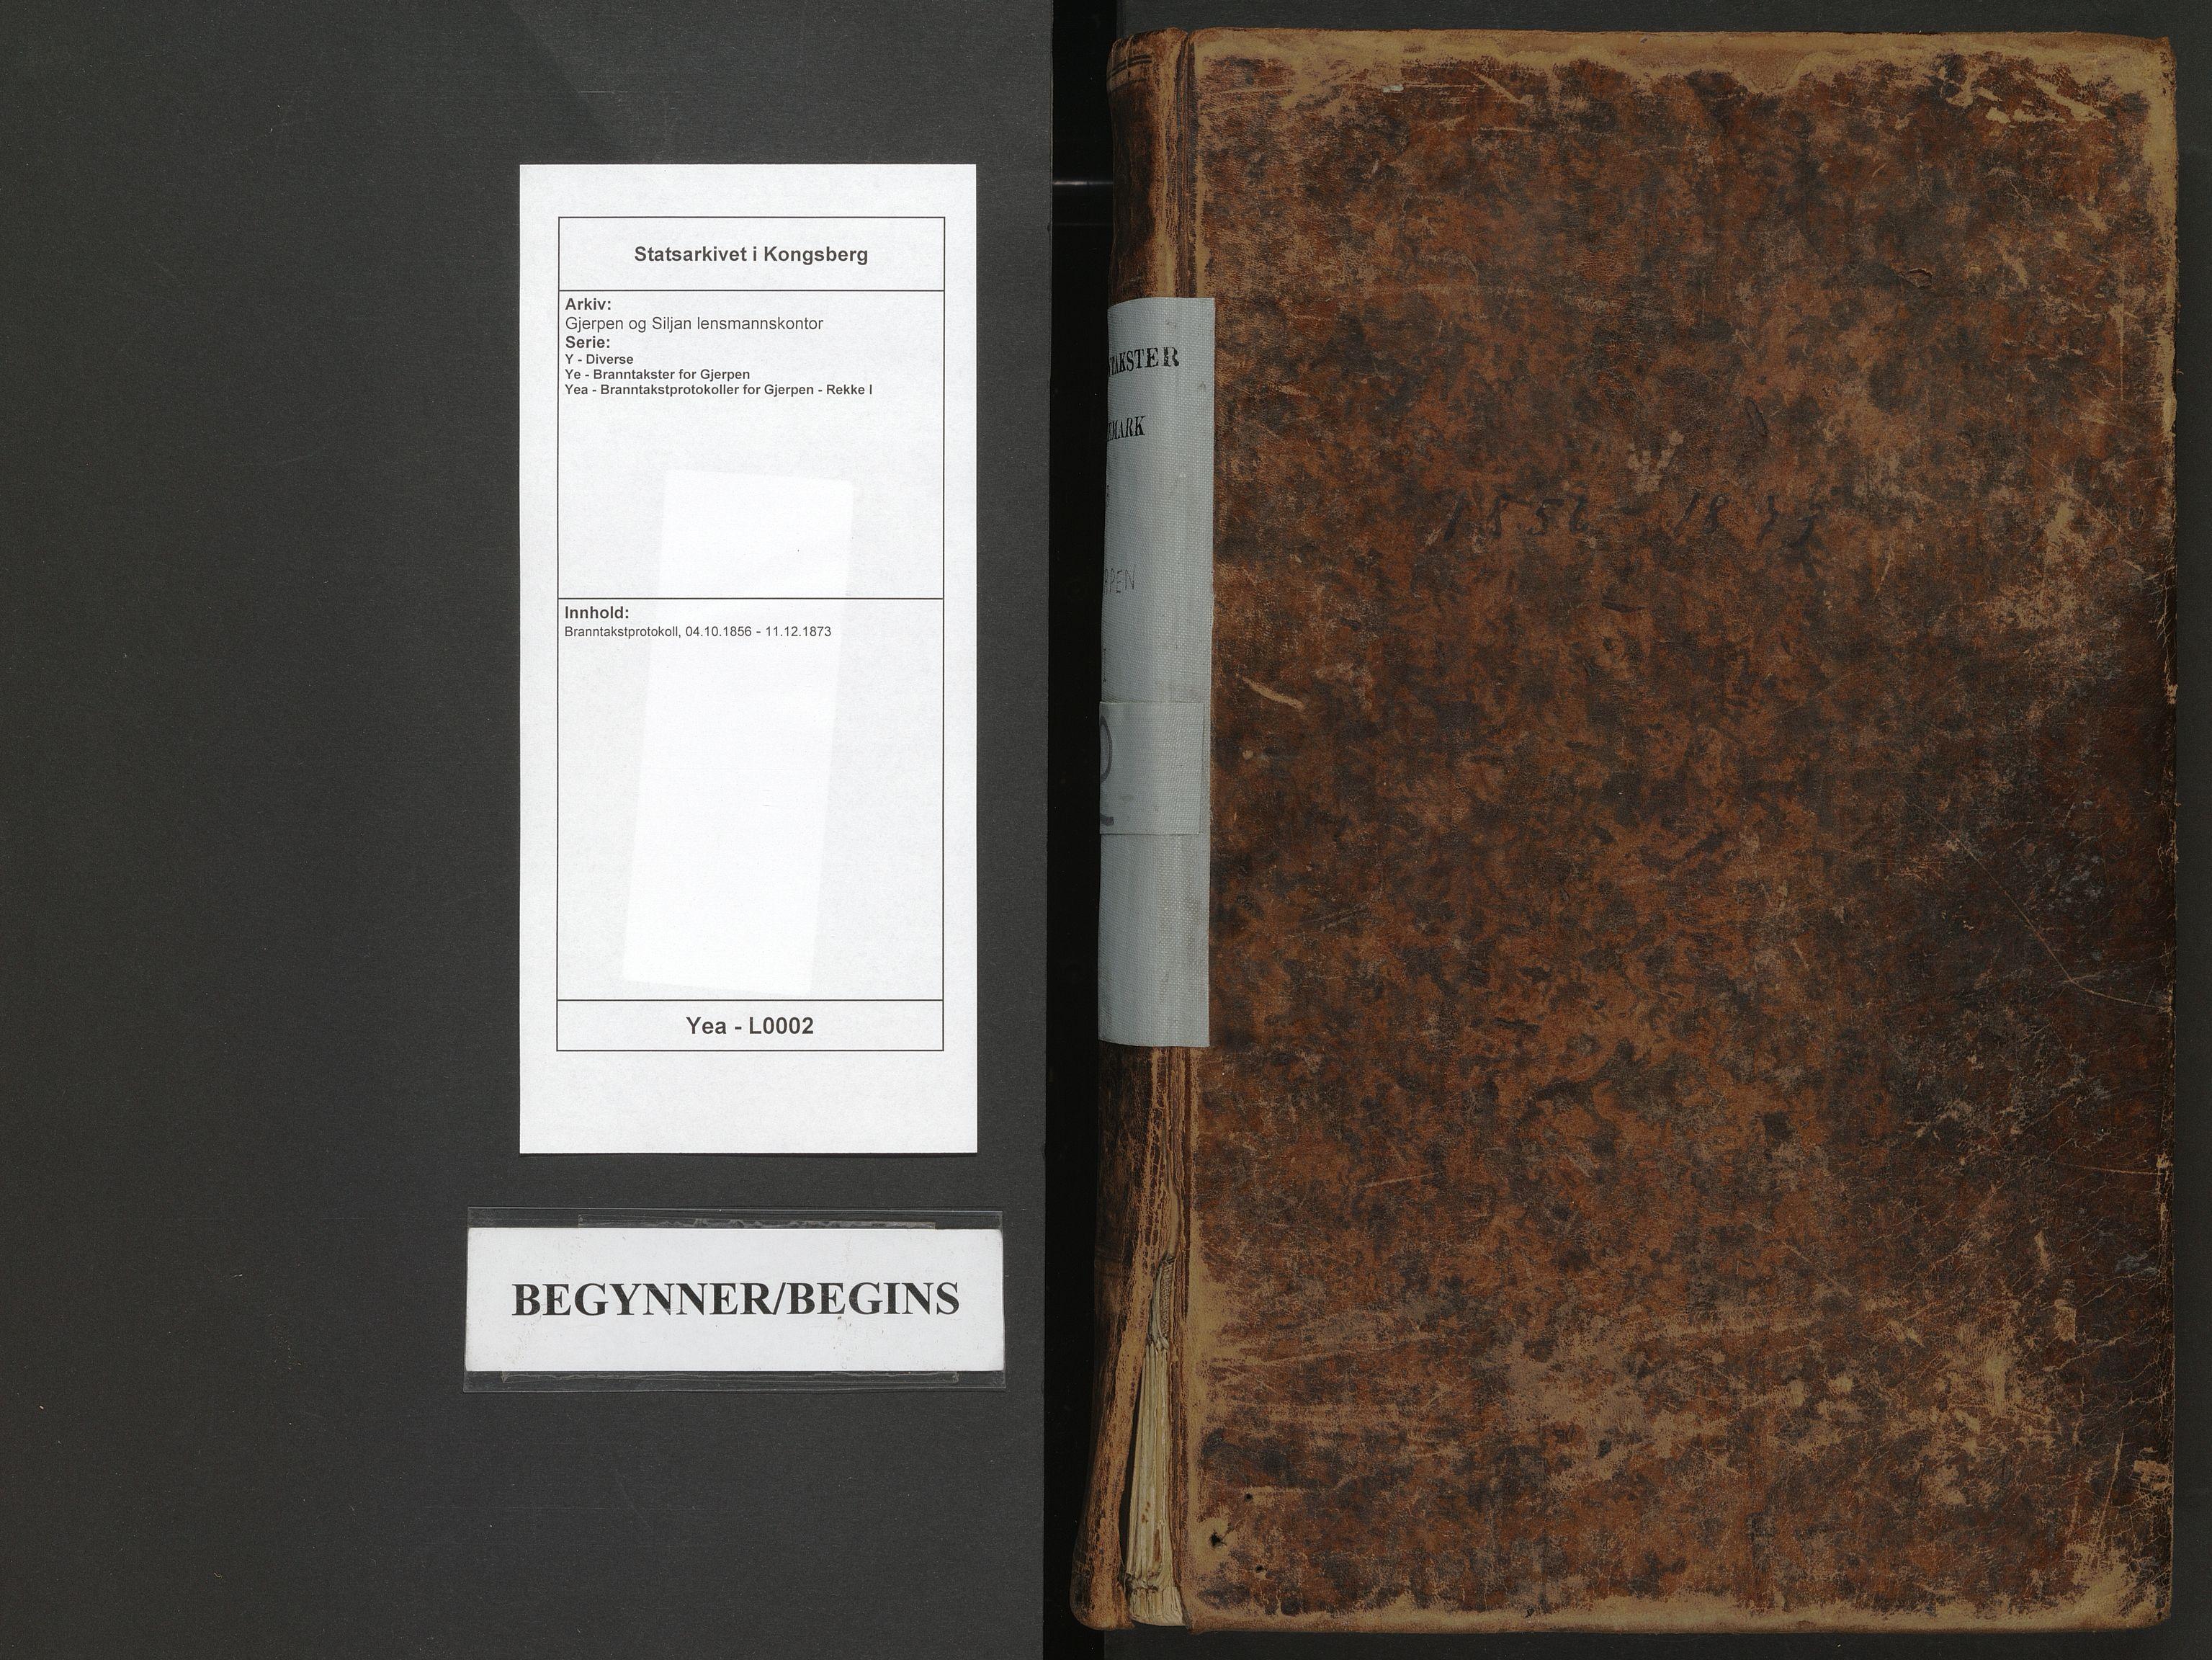 SAKO, Gjerpen og Siljan lensmannskontor, Y/Ye/Yea/L0002: Branntakstprotokoll, 1856-1873